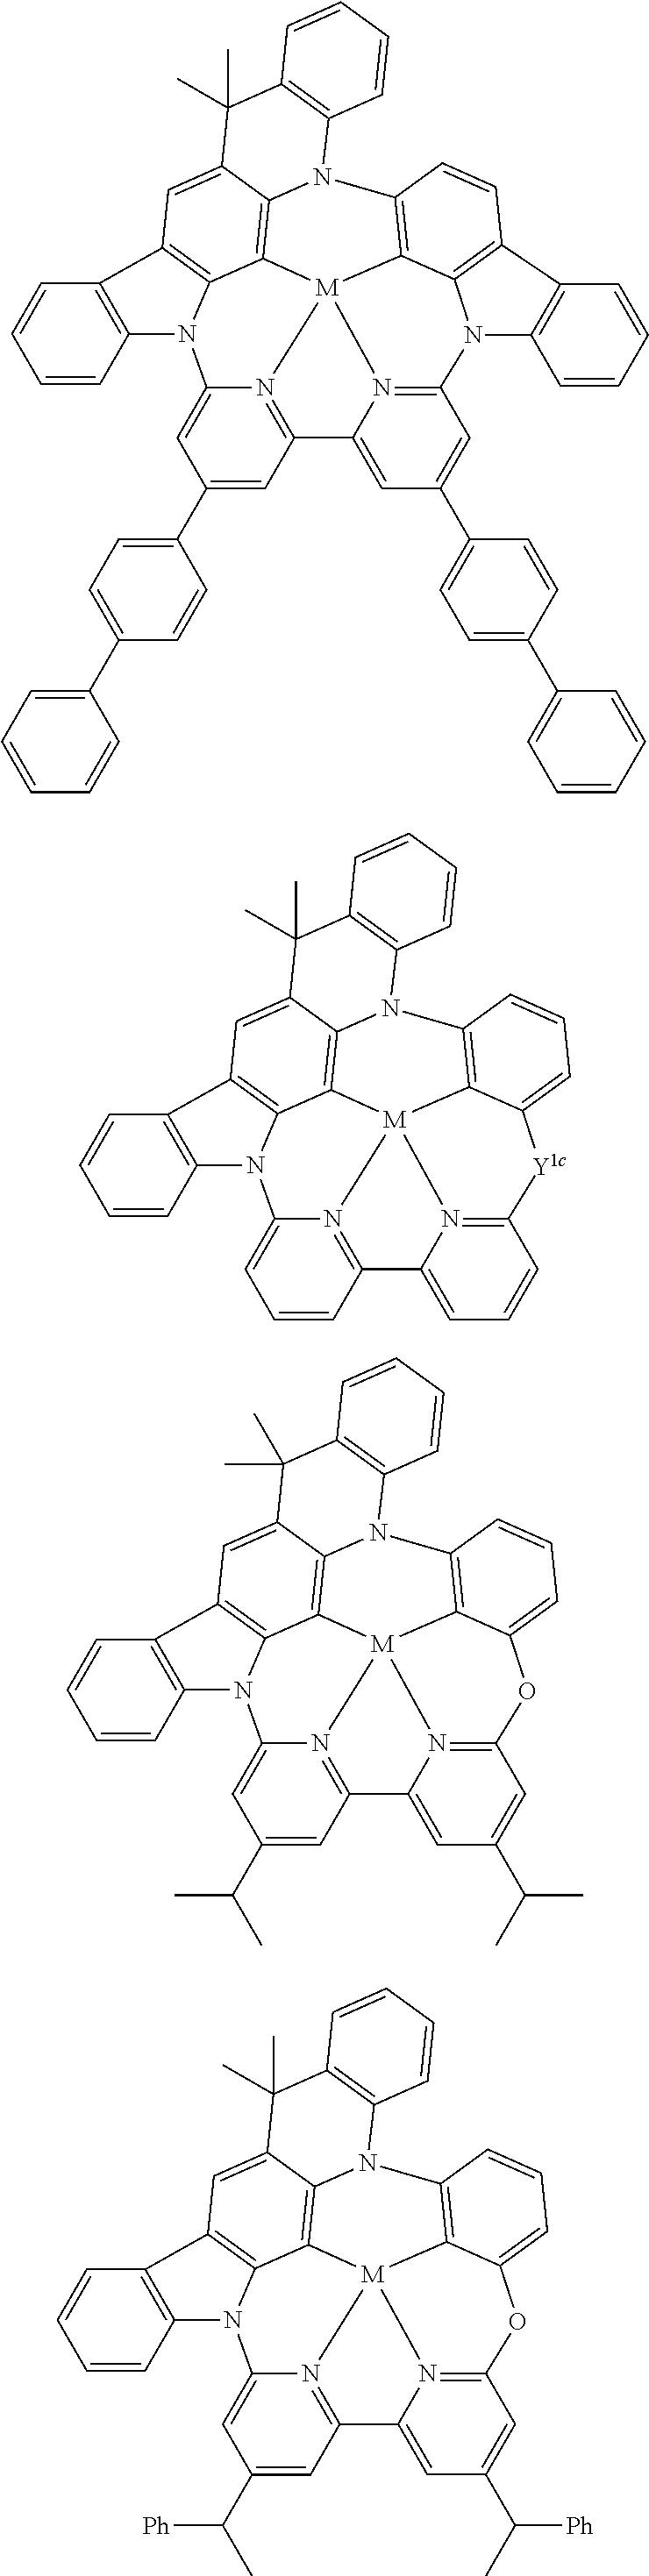 Figure US10158091-20181218-C00228